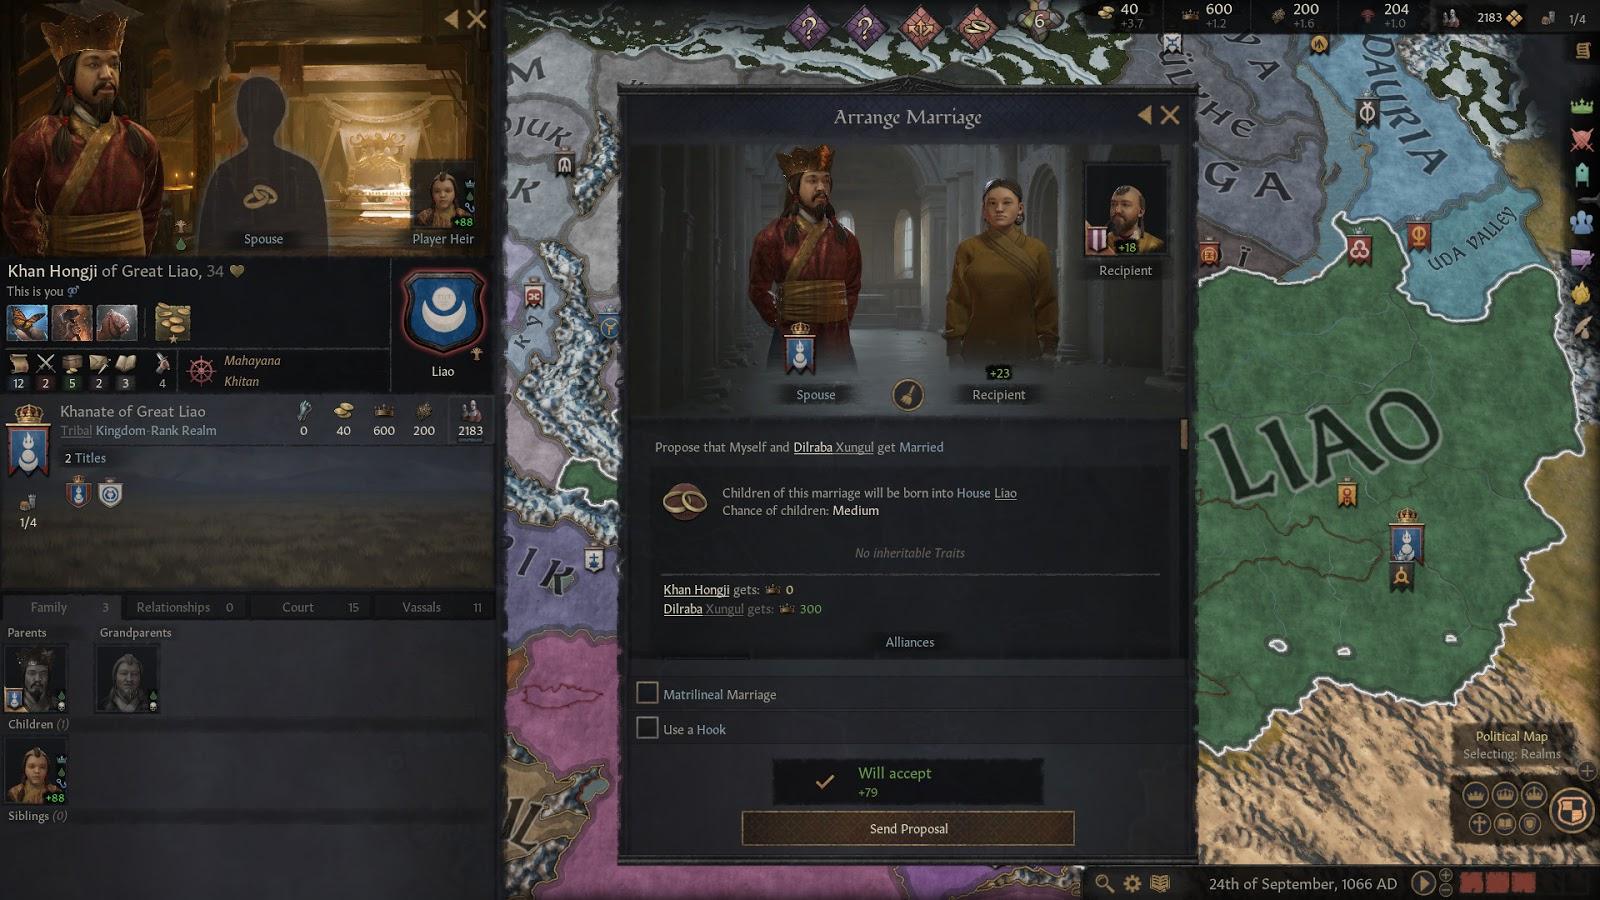 crusader-kings-3-royal-edition-pc-screenshot-04